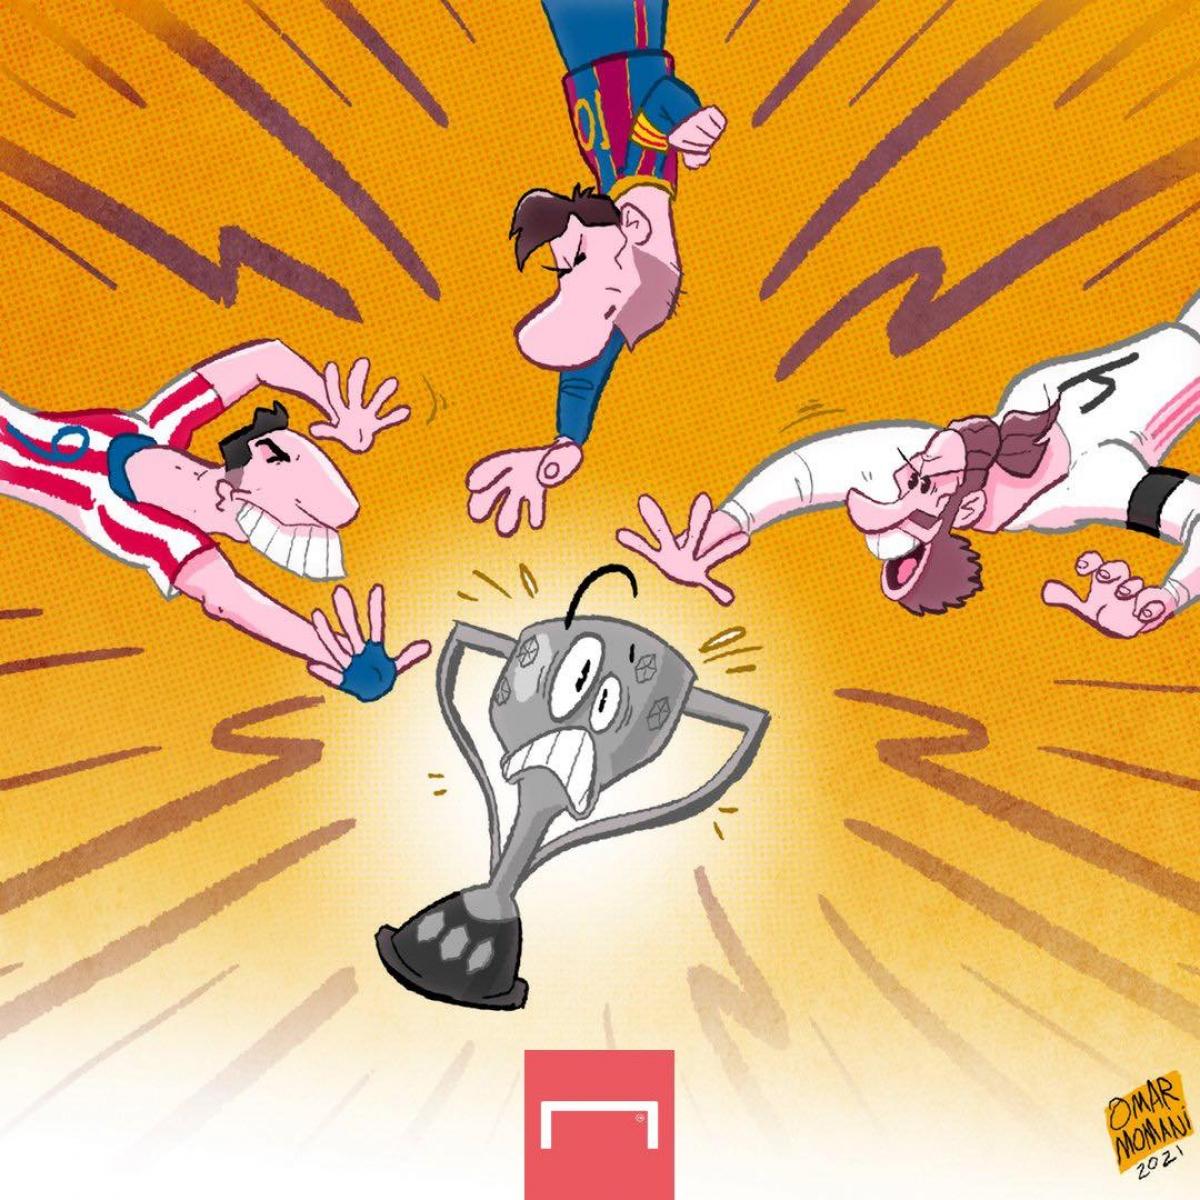 Cuộc đua tam mã tới chức vô địch La Liga. (Ảnh: Omar Momani)